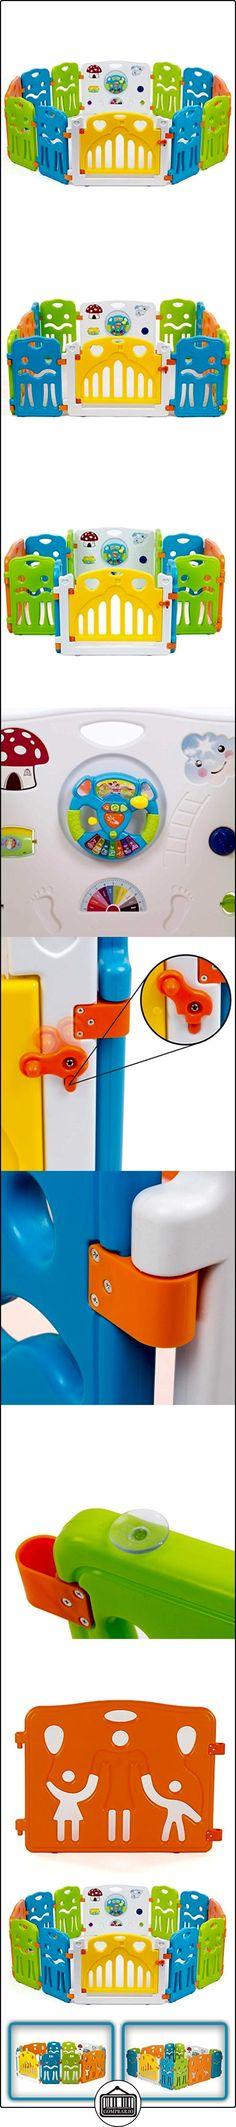 Baby Vivo - Parques para niños con colores de plástico de puertas XL  ✿ Seguridad para tu bebé - (Protege a tus hijos) ✿ ▬► Ver oferta: http://comprar.io/goto/B01BYFZ0I6